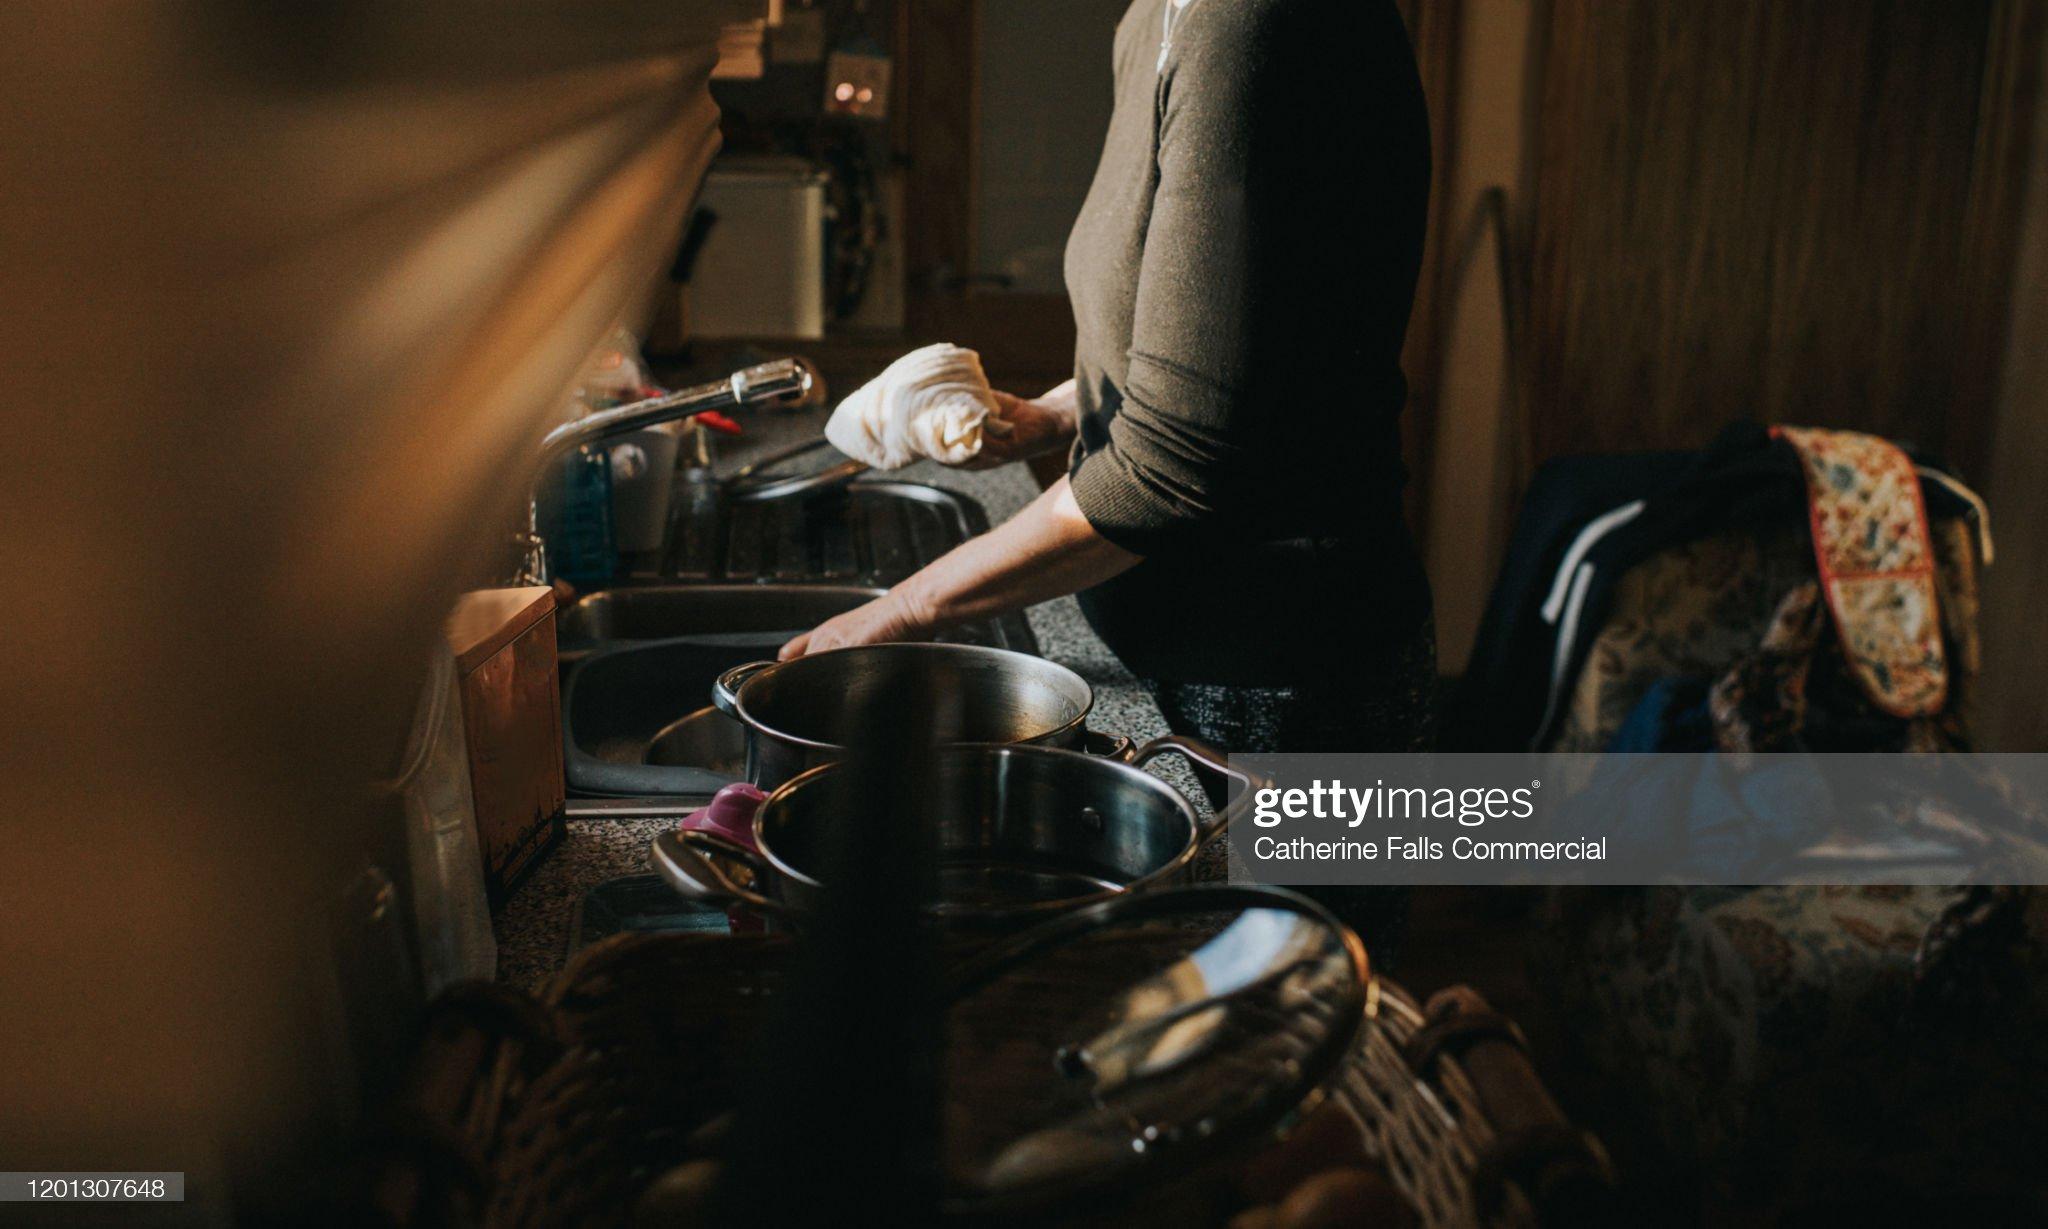 Trabajo doméstico,  trabajo   femenino. Inserción real e imaginaria en el modo de producción capitalista.Consecuencias negativas del feminismo que prácticamente benefician al capital. Doing-dishes-picture-id1201307648?s=2048x2048